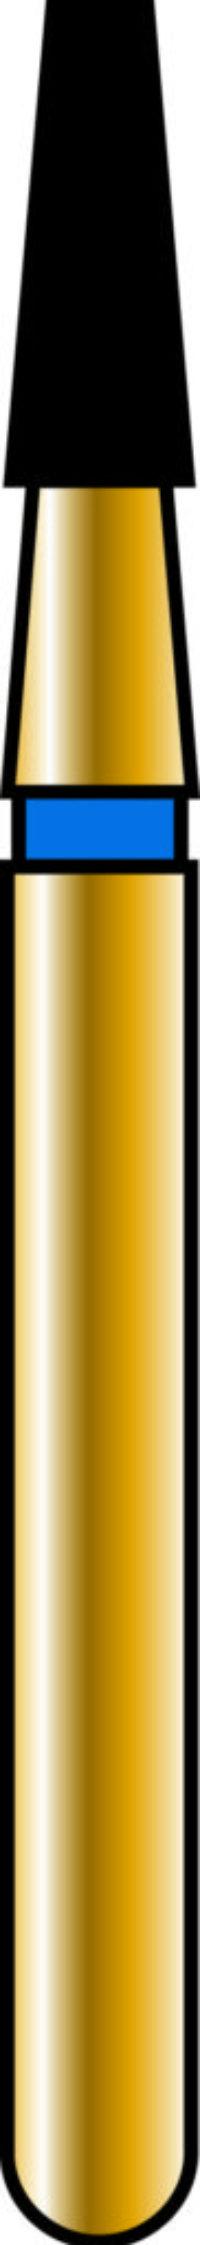 Flat End Taper 16-4mm Gold Diamond Bur - Coarse Grit